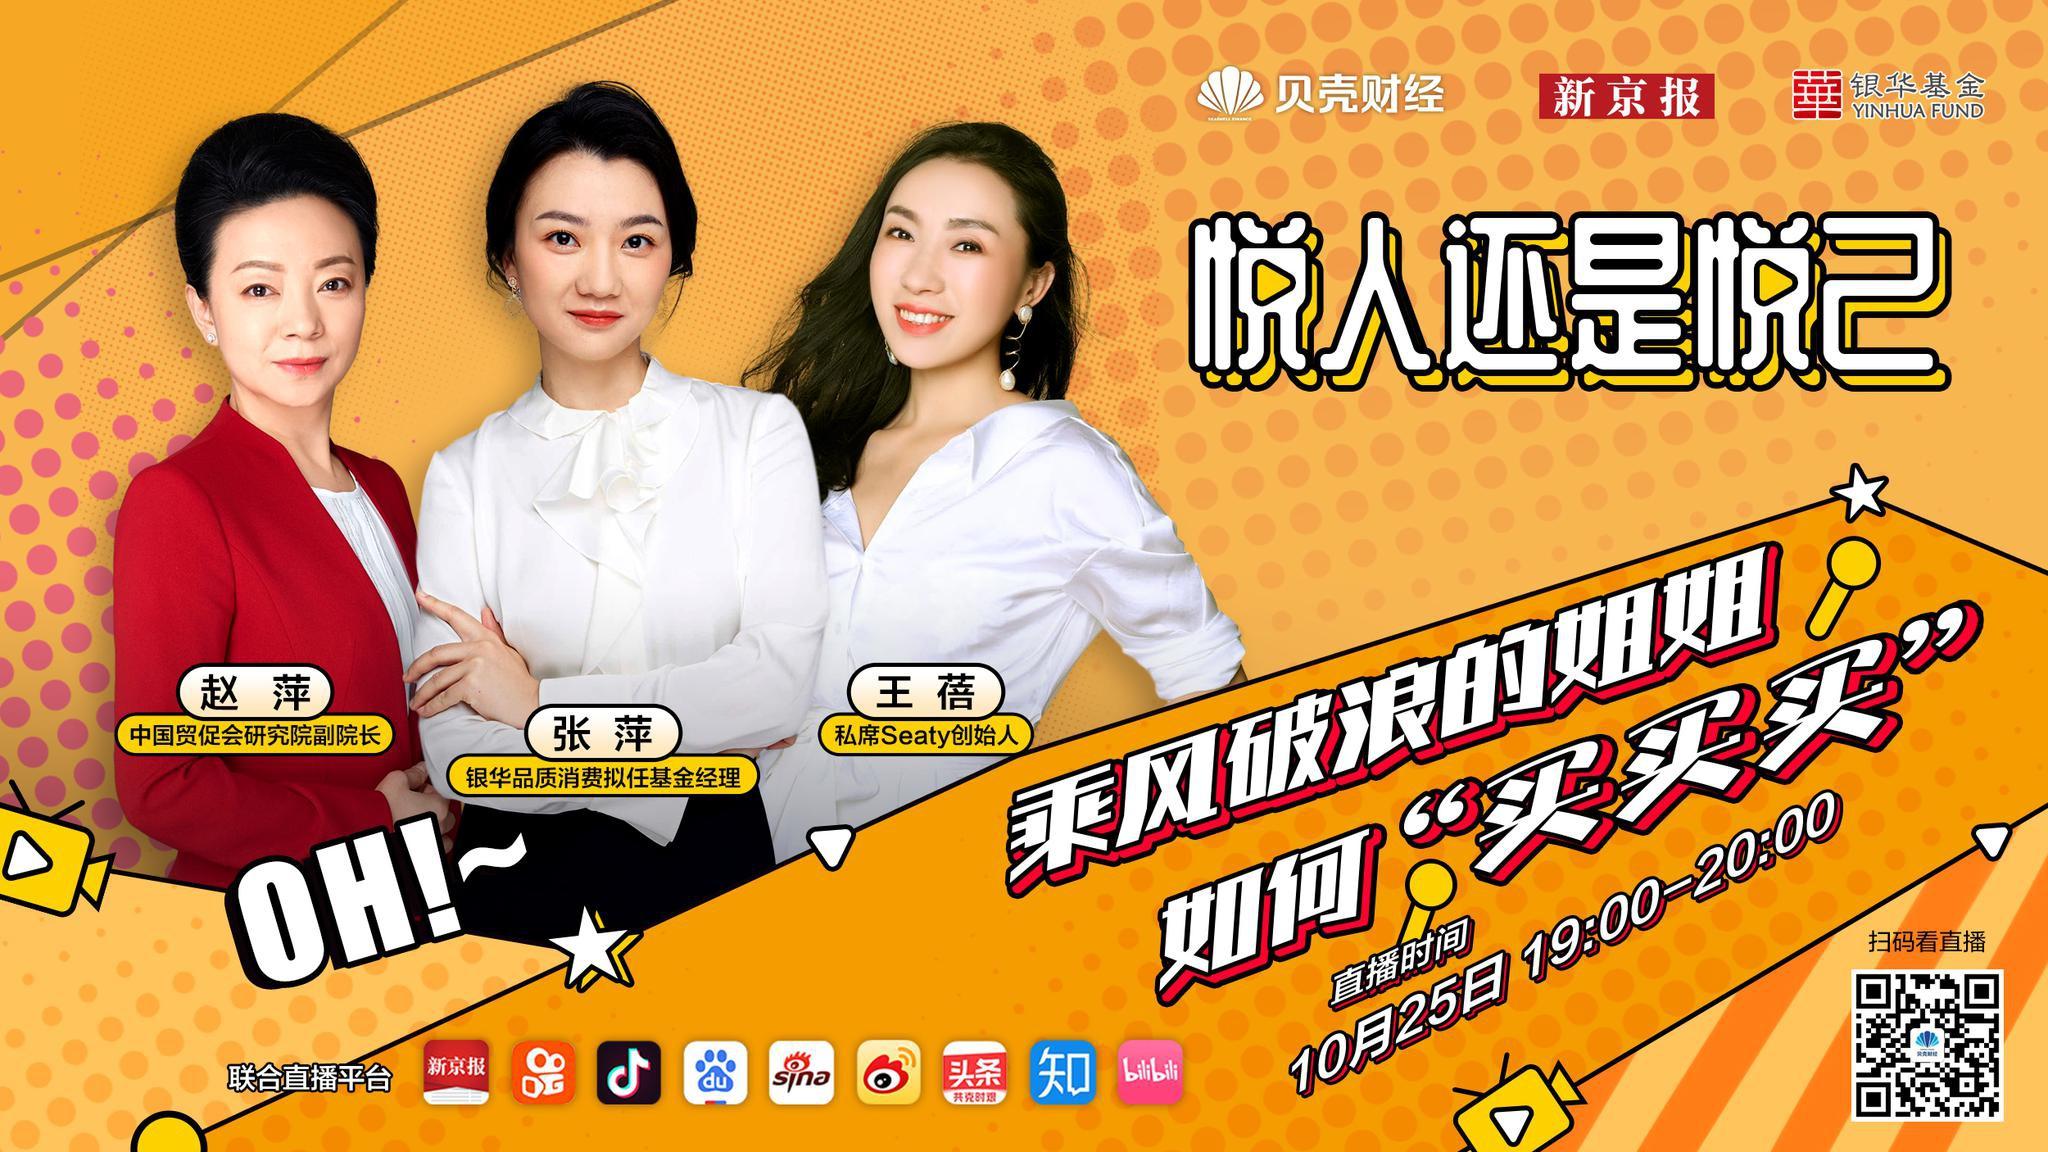 直播干货!看三位女神如何谈女性消费,背后蕴含哪些投资机遇?图片